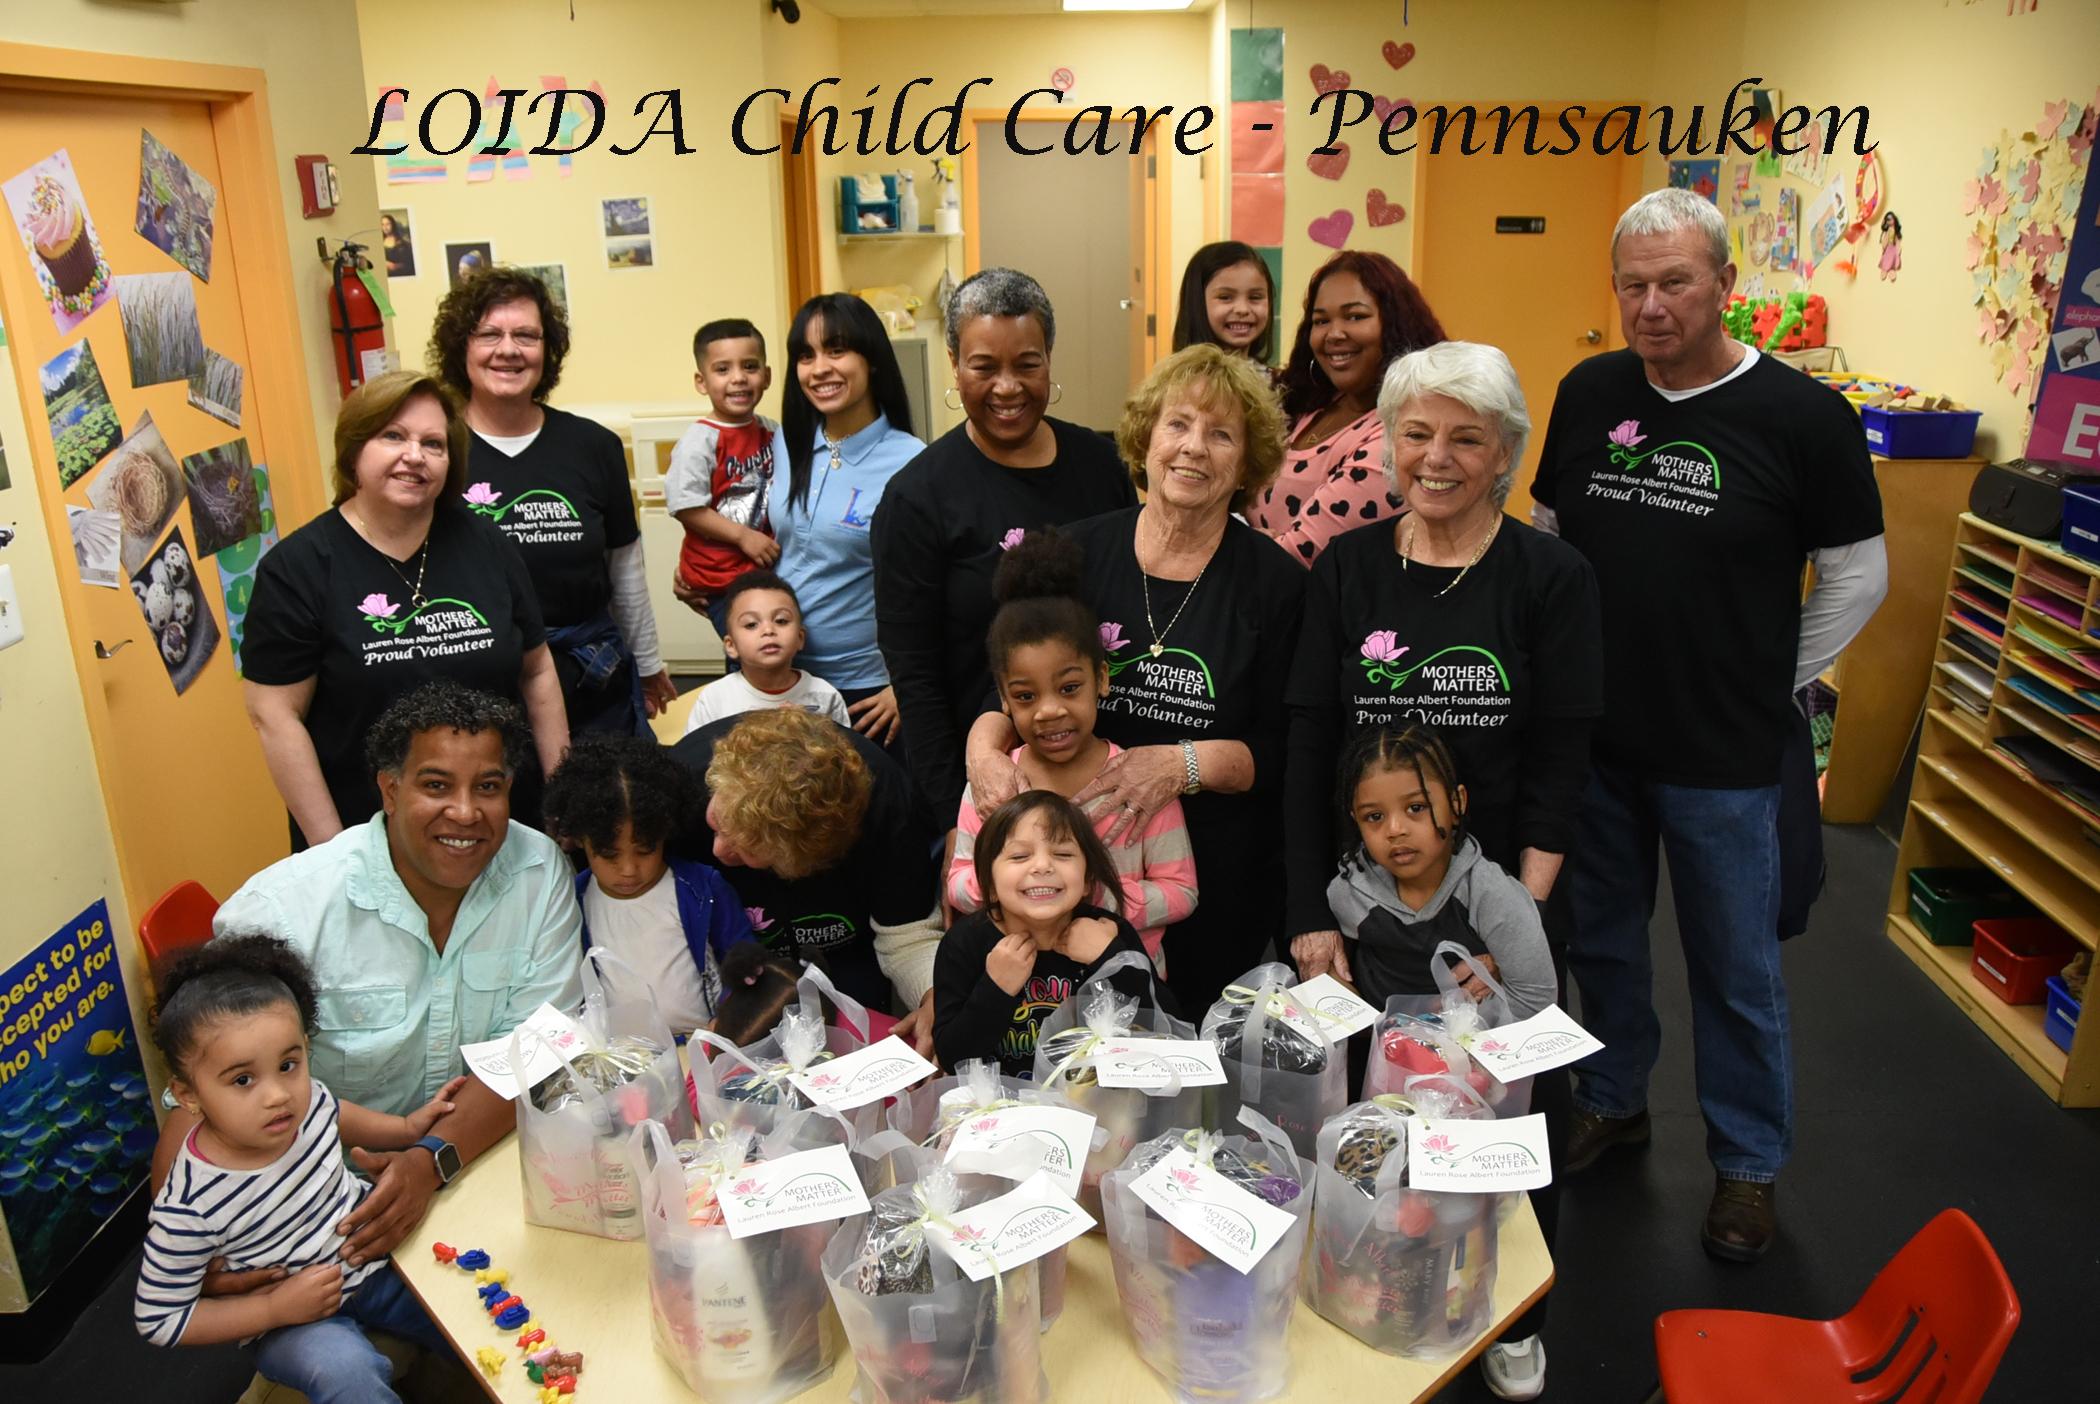 Loida Child Care- Pennsauken